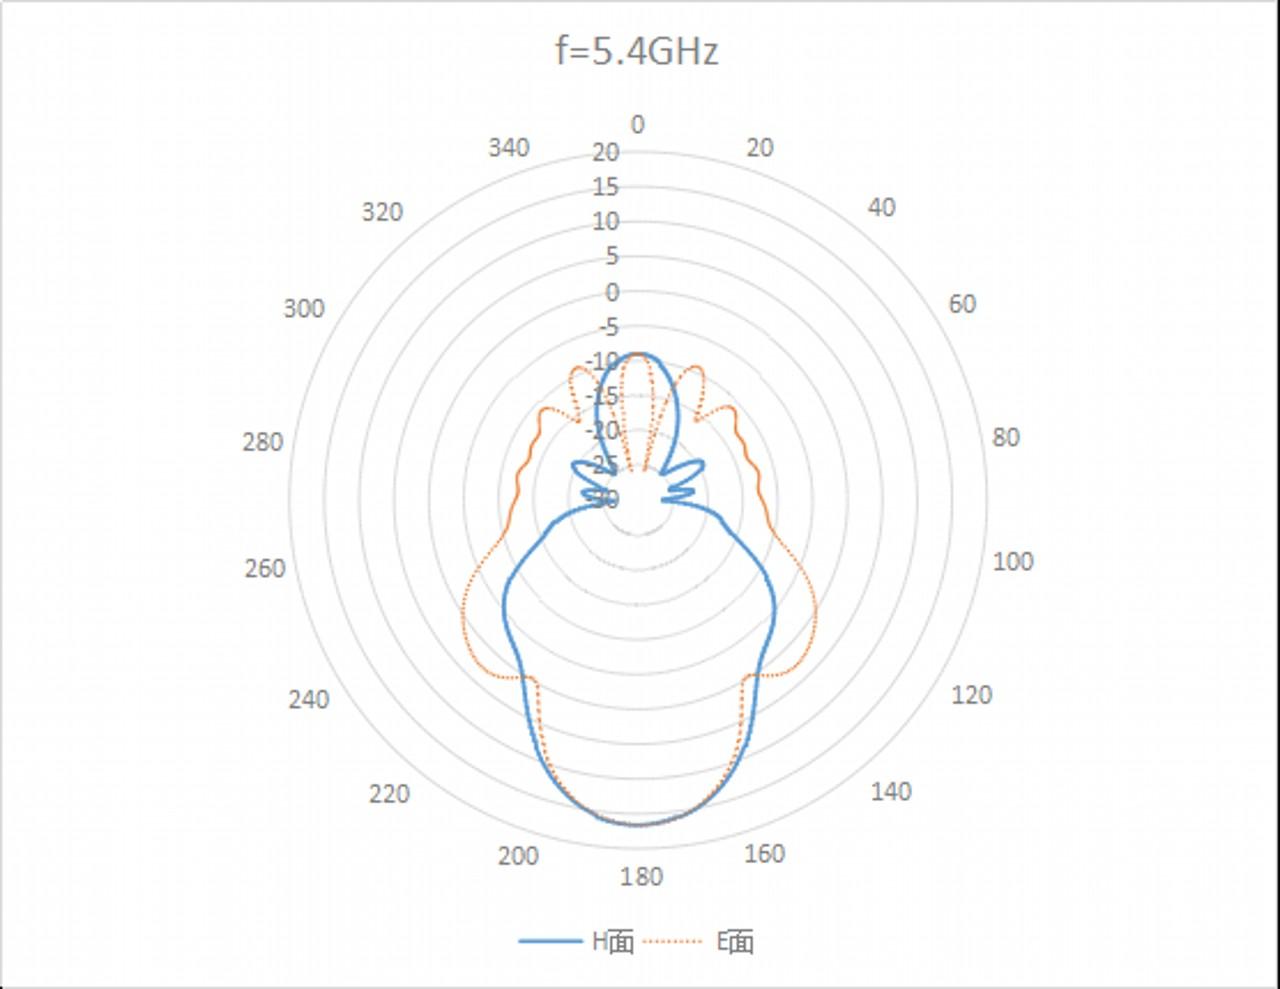 WR-137 Waveguide - 5.9GHz - 8.2GHz - Standard Gain Horn Antenna 1